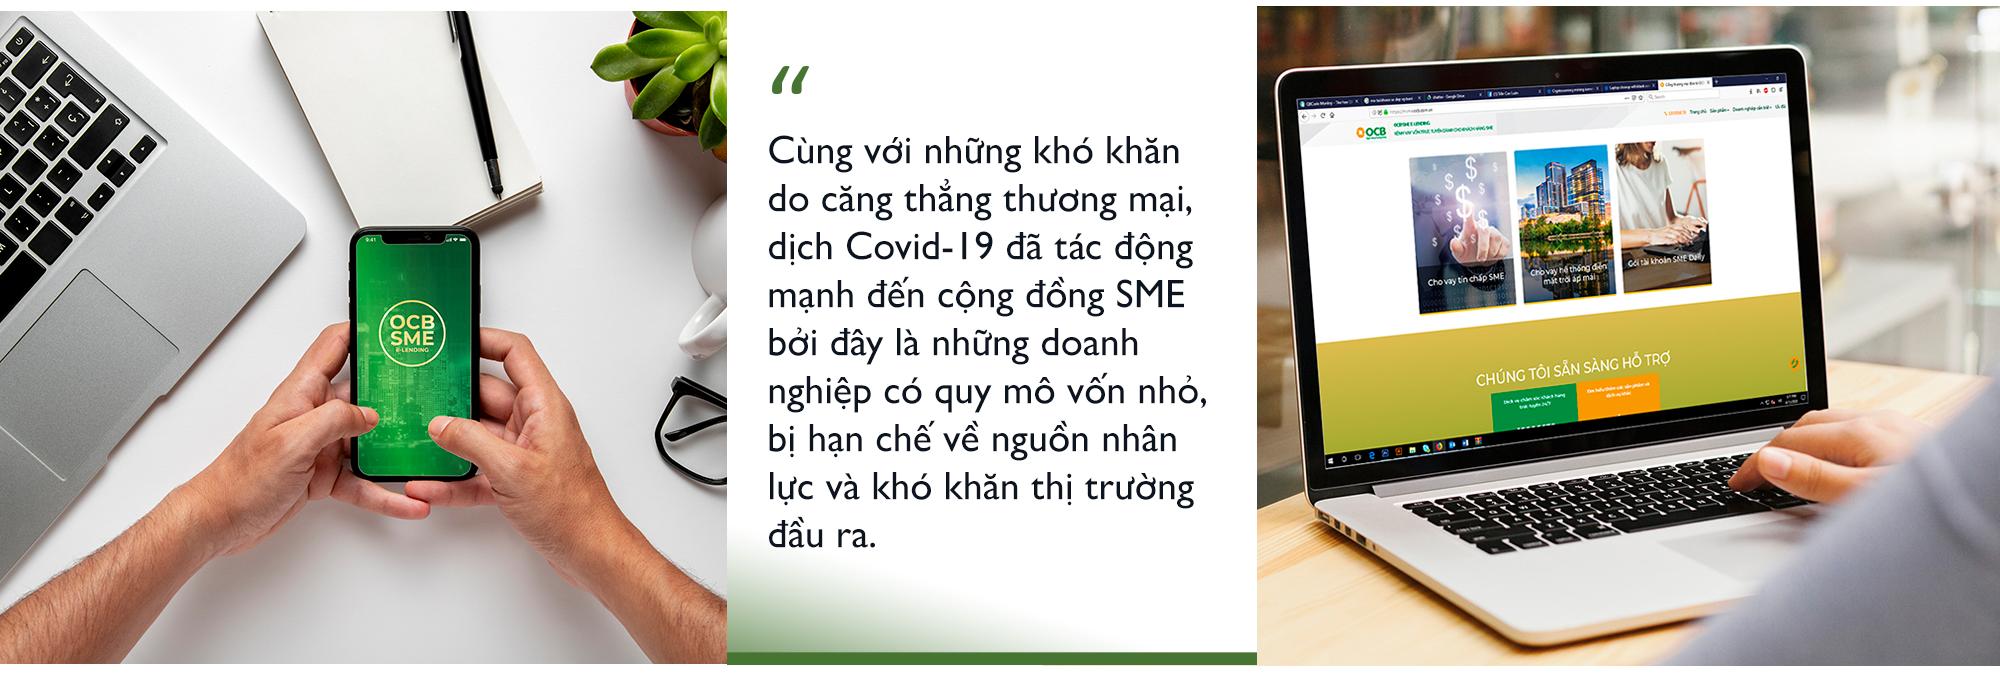 """Chỉ một """"cú nhấp chuột"""" OCB SME E-lending sẽ giúp khách hàng SME tiếp cận vốn vay trực tiếp từ ngân hàng - Ảnh 3."""